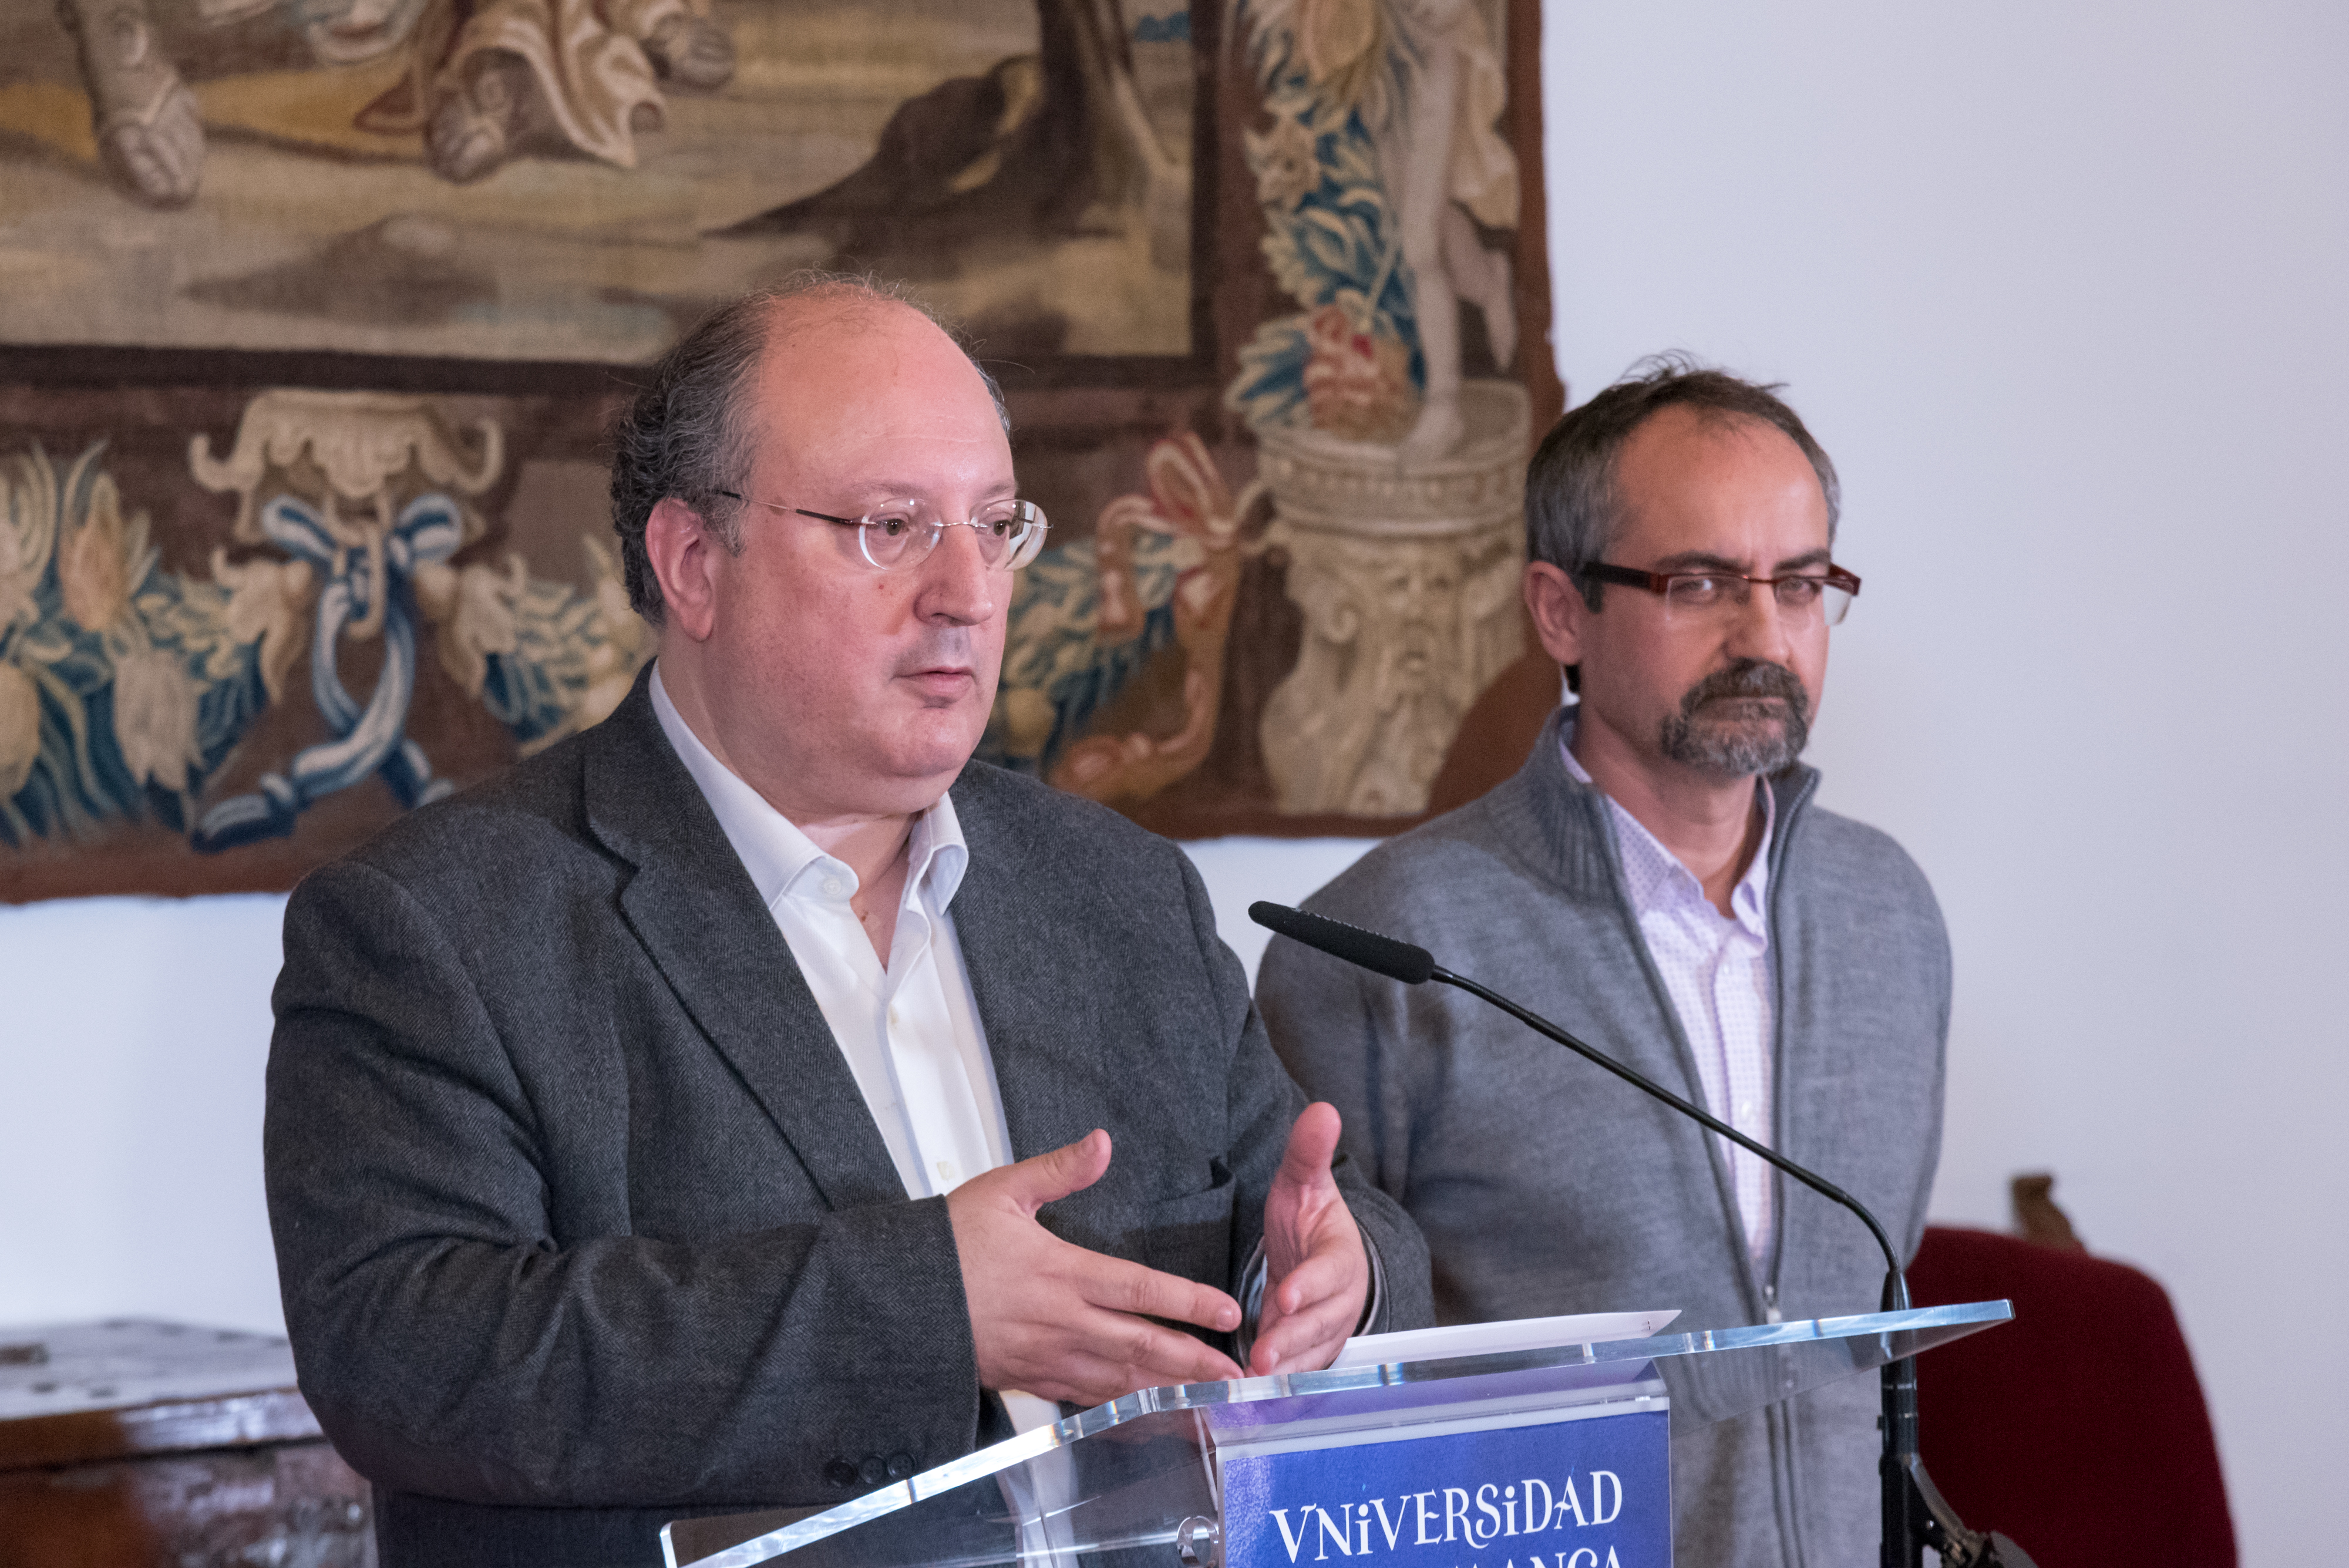 La Universidad de Salamanca apuesta por una programación cultural coordinada para combinar las propuestas extraordinarias con la oferta habitual